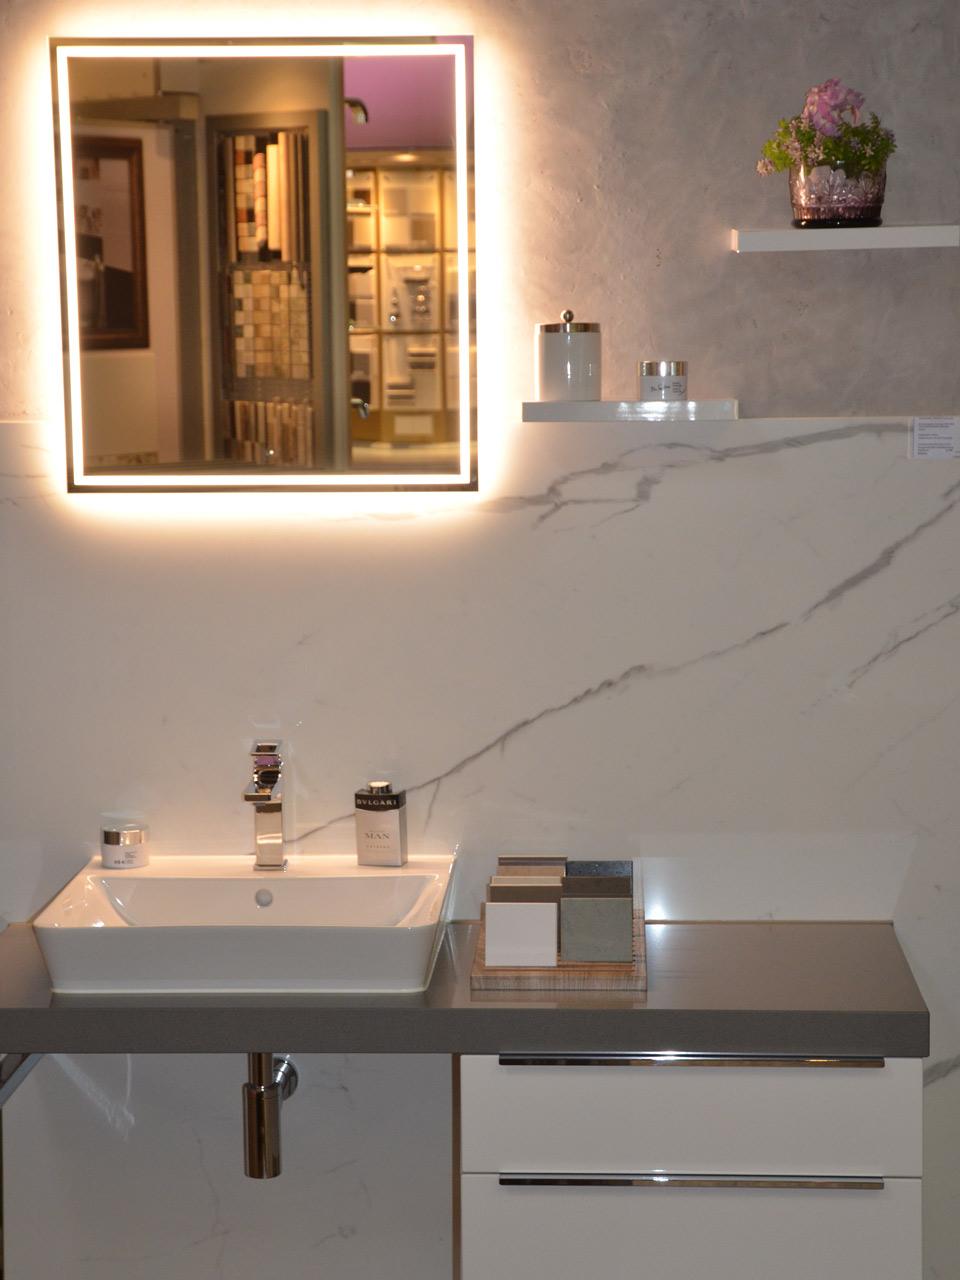 Bad mit Spiegel und Waschtisch